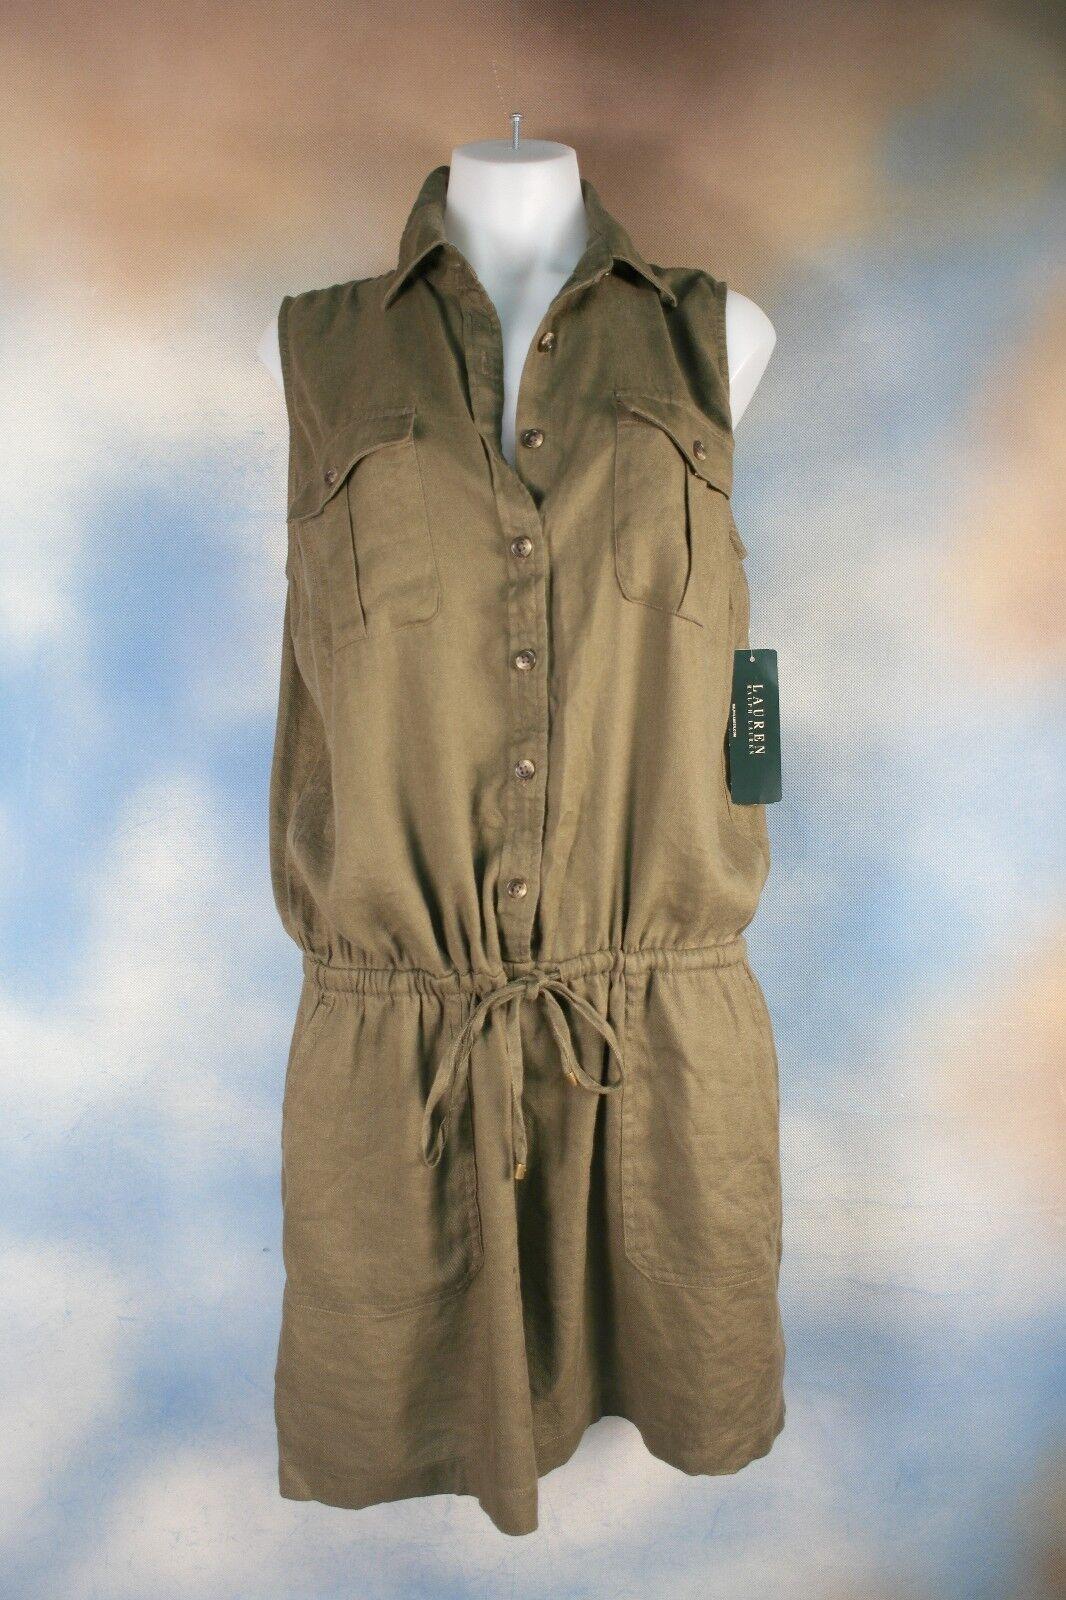 NEW  150 RALPH LAUREN olive army green linen shortall romper shorts jumper 2